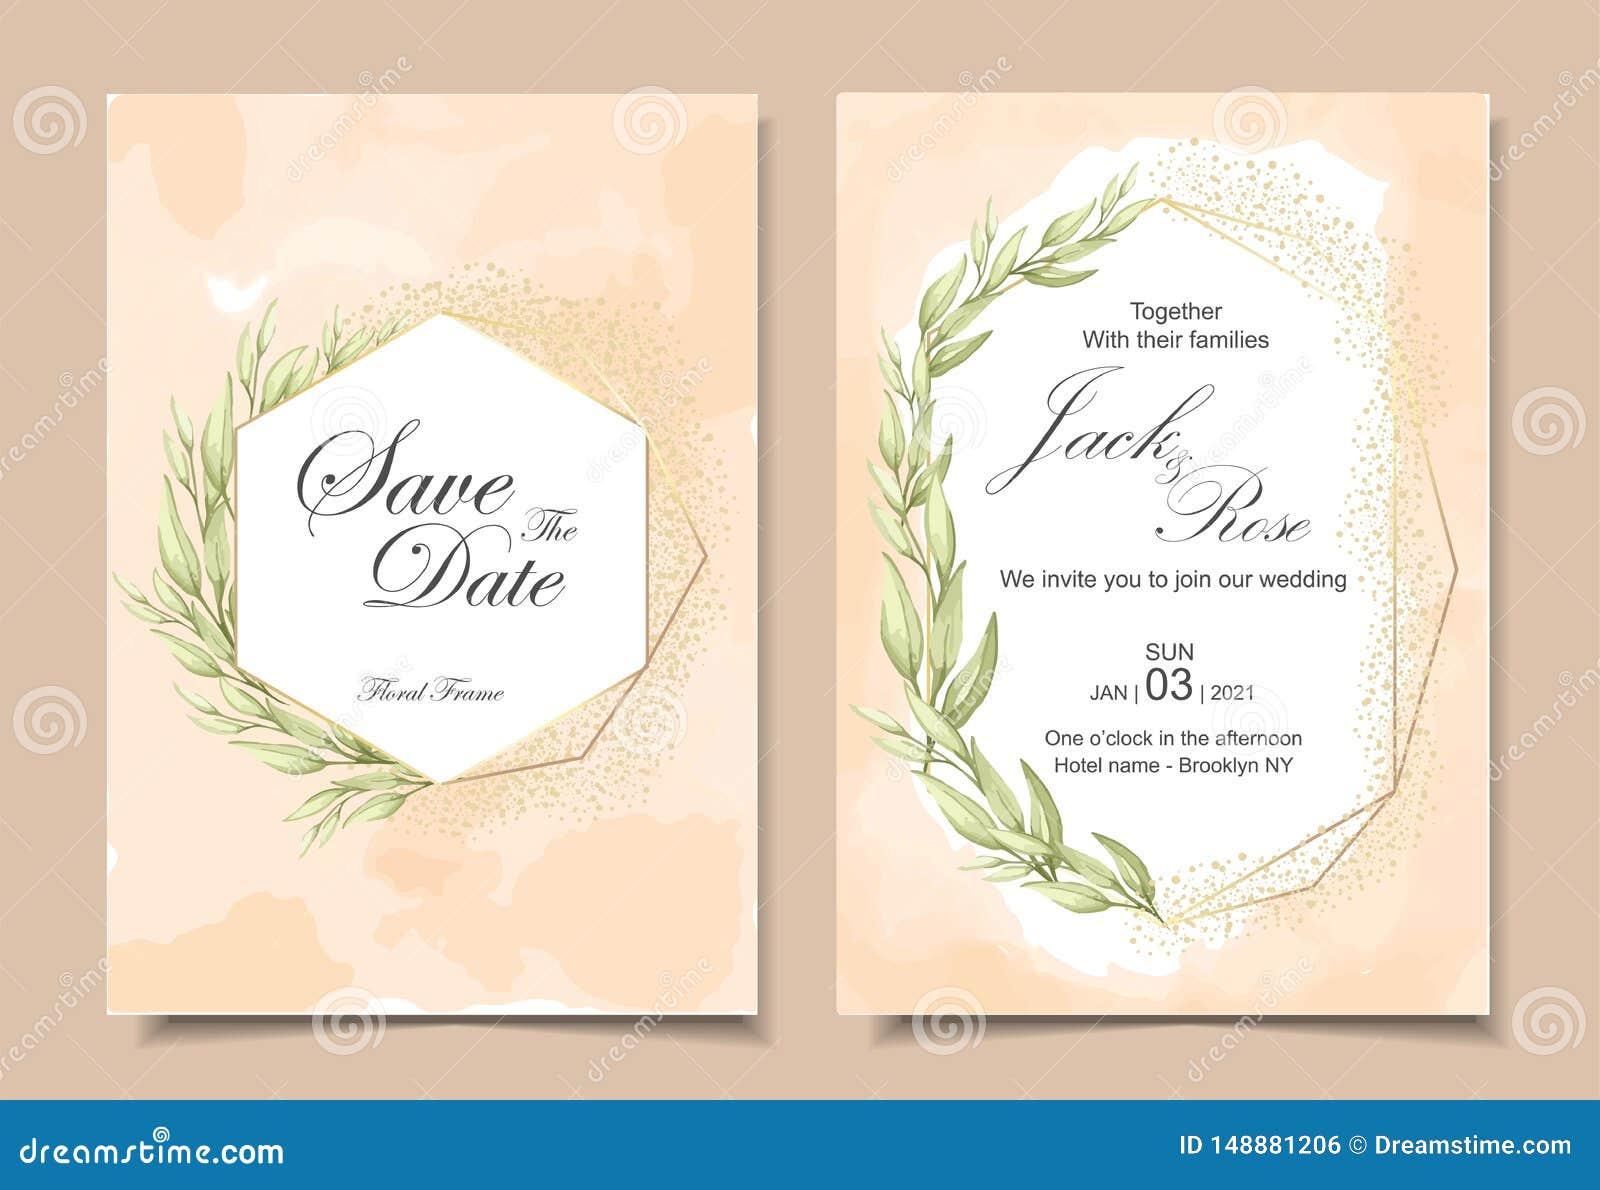 Weinlese-Hochzeits-Einladungs-Karten mit Aquarell-Hintergrund-Beschaffenheit, geometrischem goldenem Rahmen und Aquarell-Handzeic